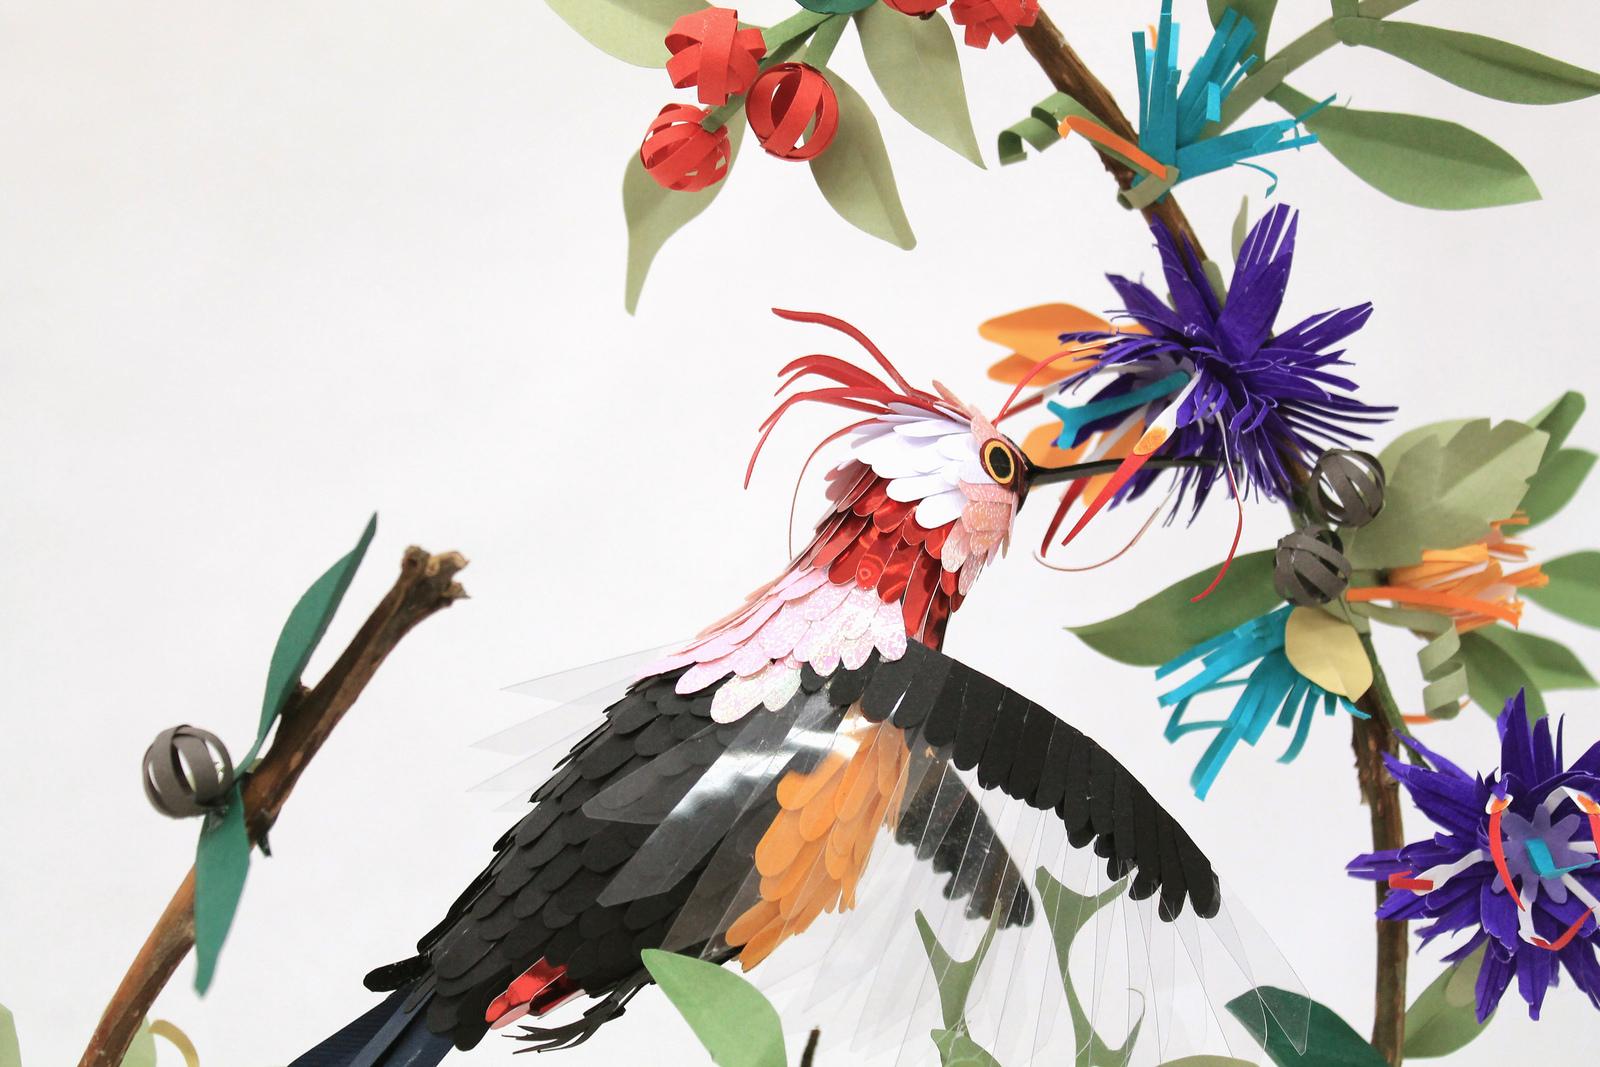 paper-birds-diana-beltran-herrera-15